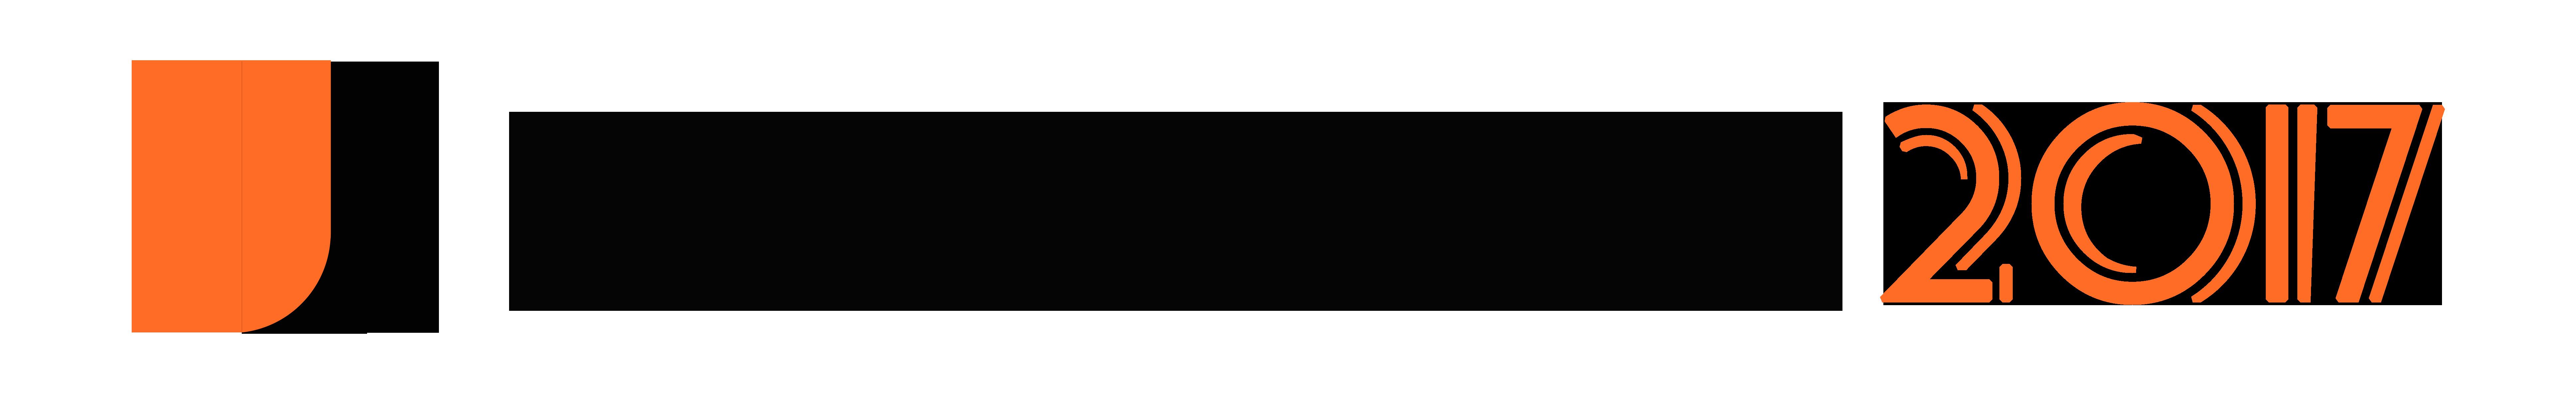 Logo User Day 2017